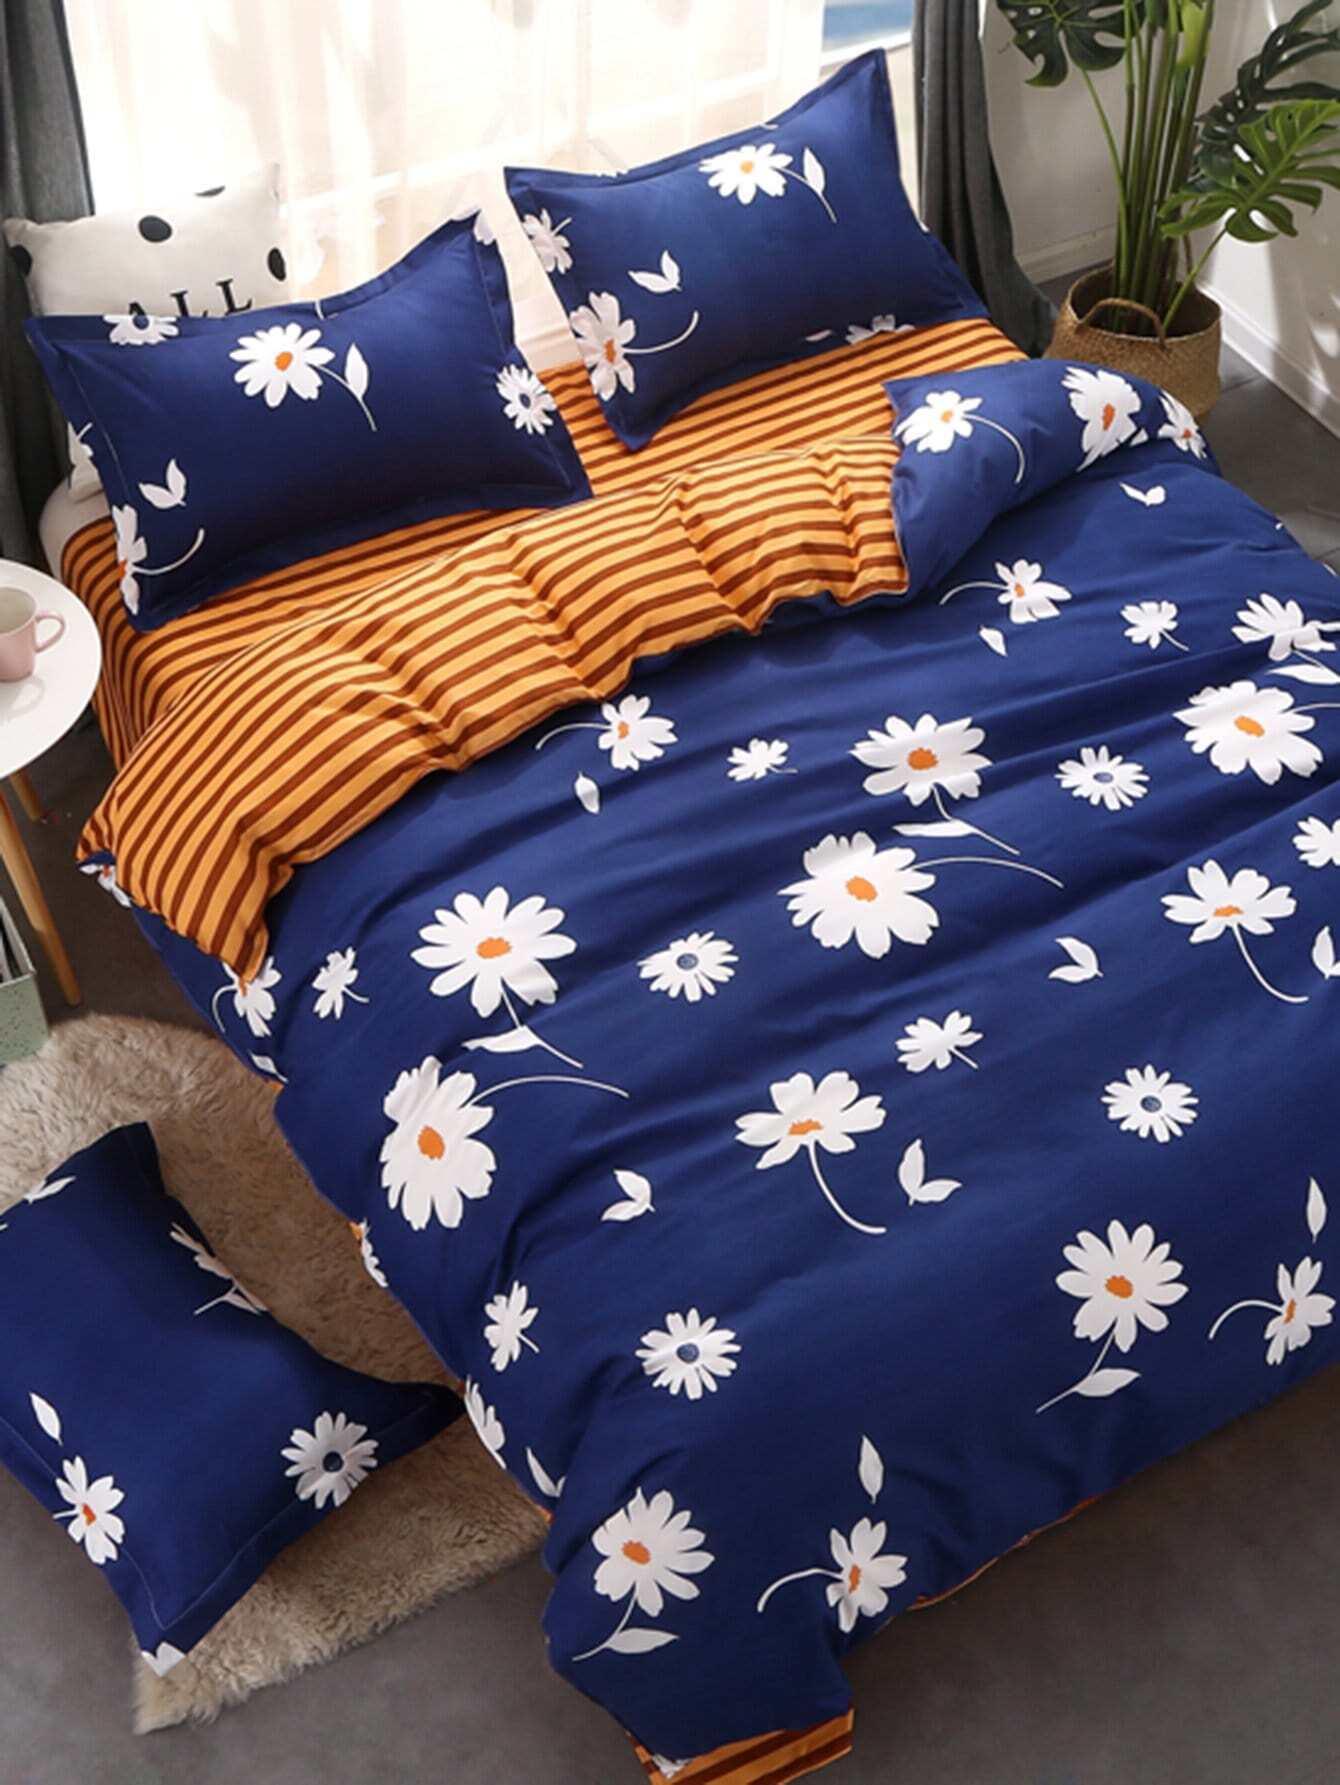 Купить Комплект для кровати в цветочек с полосками, null, SheIn